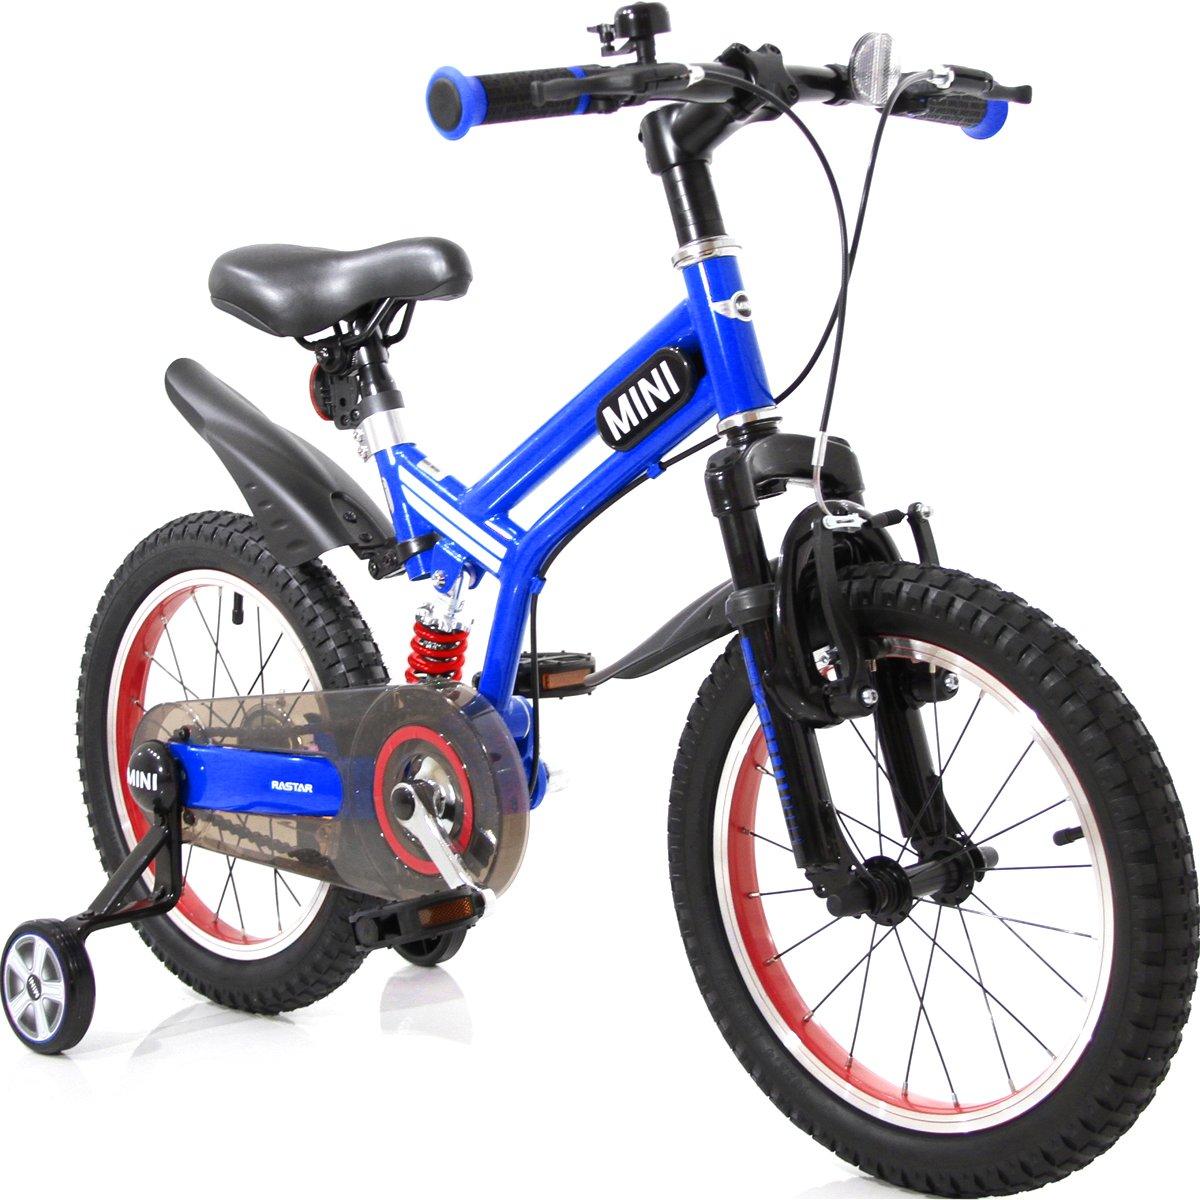 自転車 補助輪付き マウンテンバイク MINI ミニ KIDS BIKE 16インチ 練習用自転車 MTB 足けり自転車 B07D8NPFM7ブルー